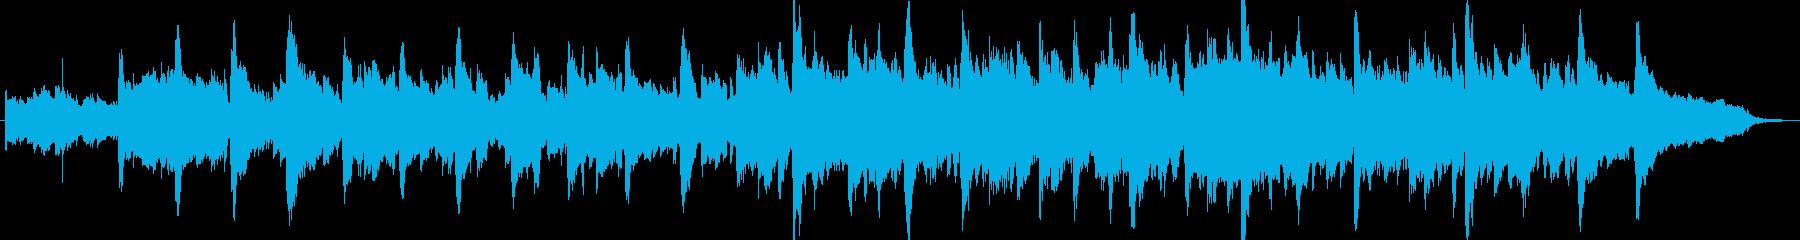 動画 感情的 楽しげ やる気 ビデ...の再生済みの波形